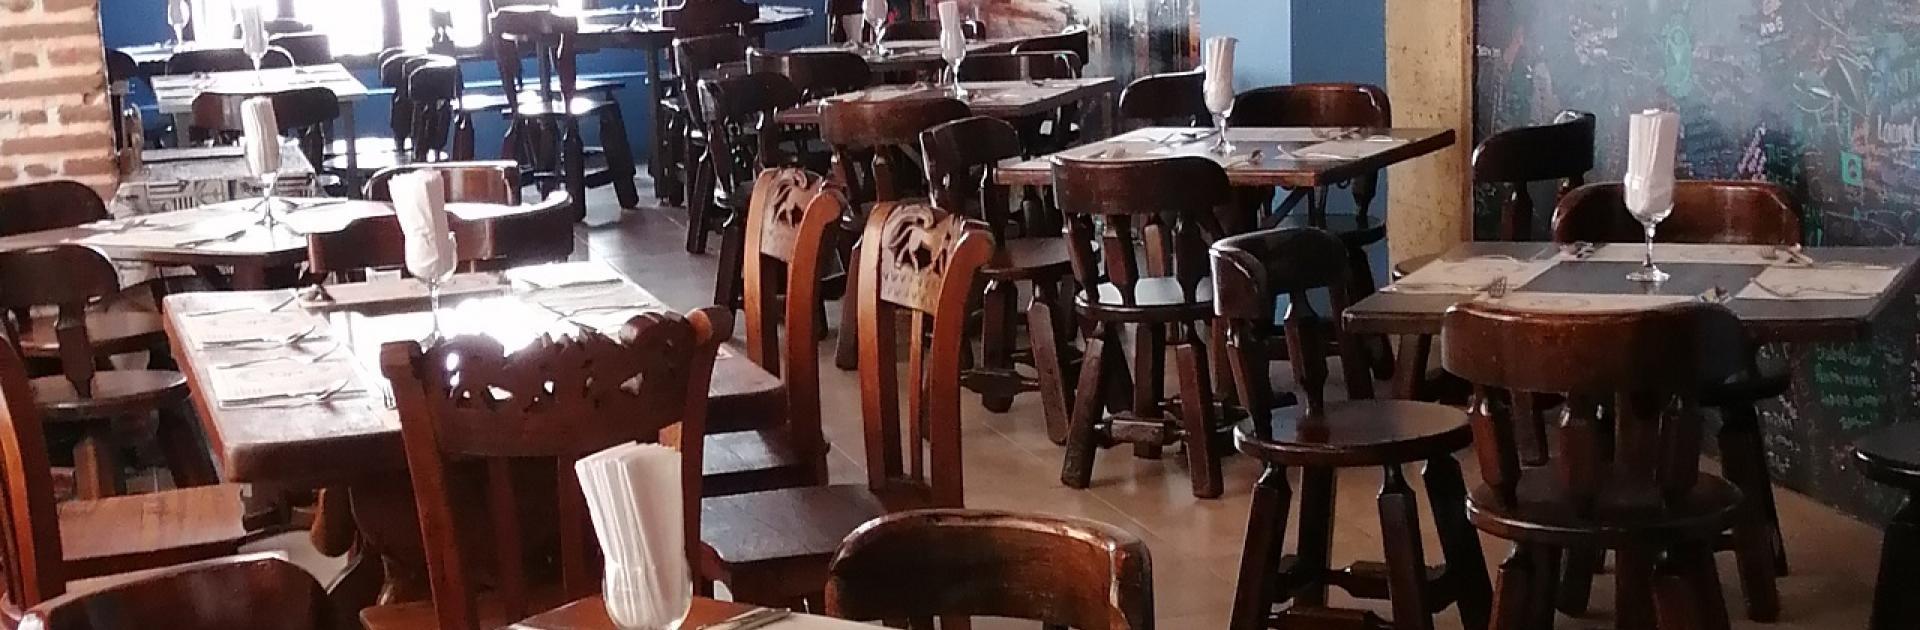 Restaurante Mar de las Antillas, participante de Dónde Restaurant Week 2019 en Cartagena de Indias